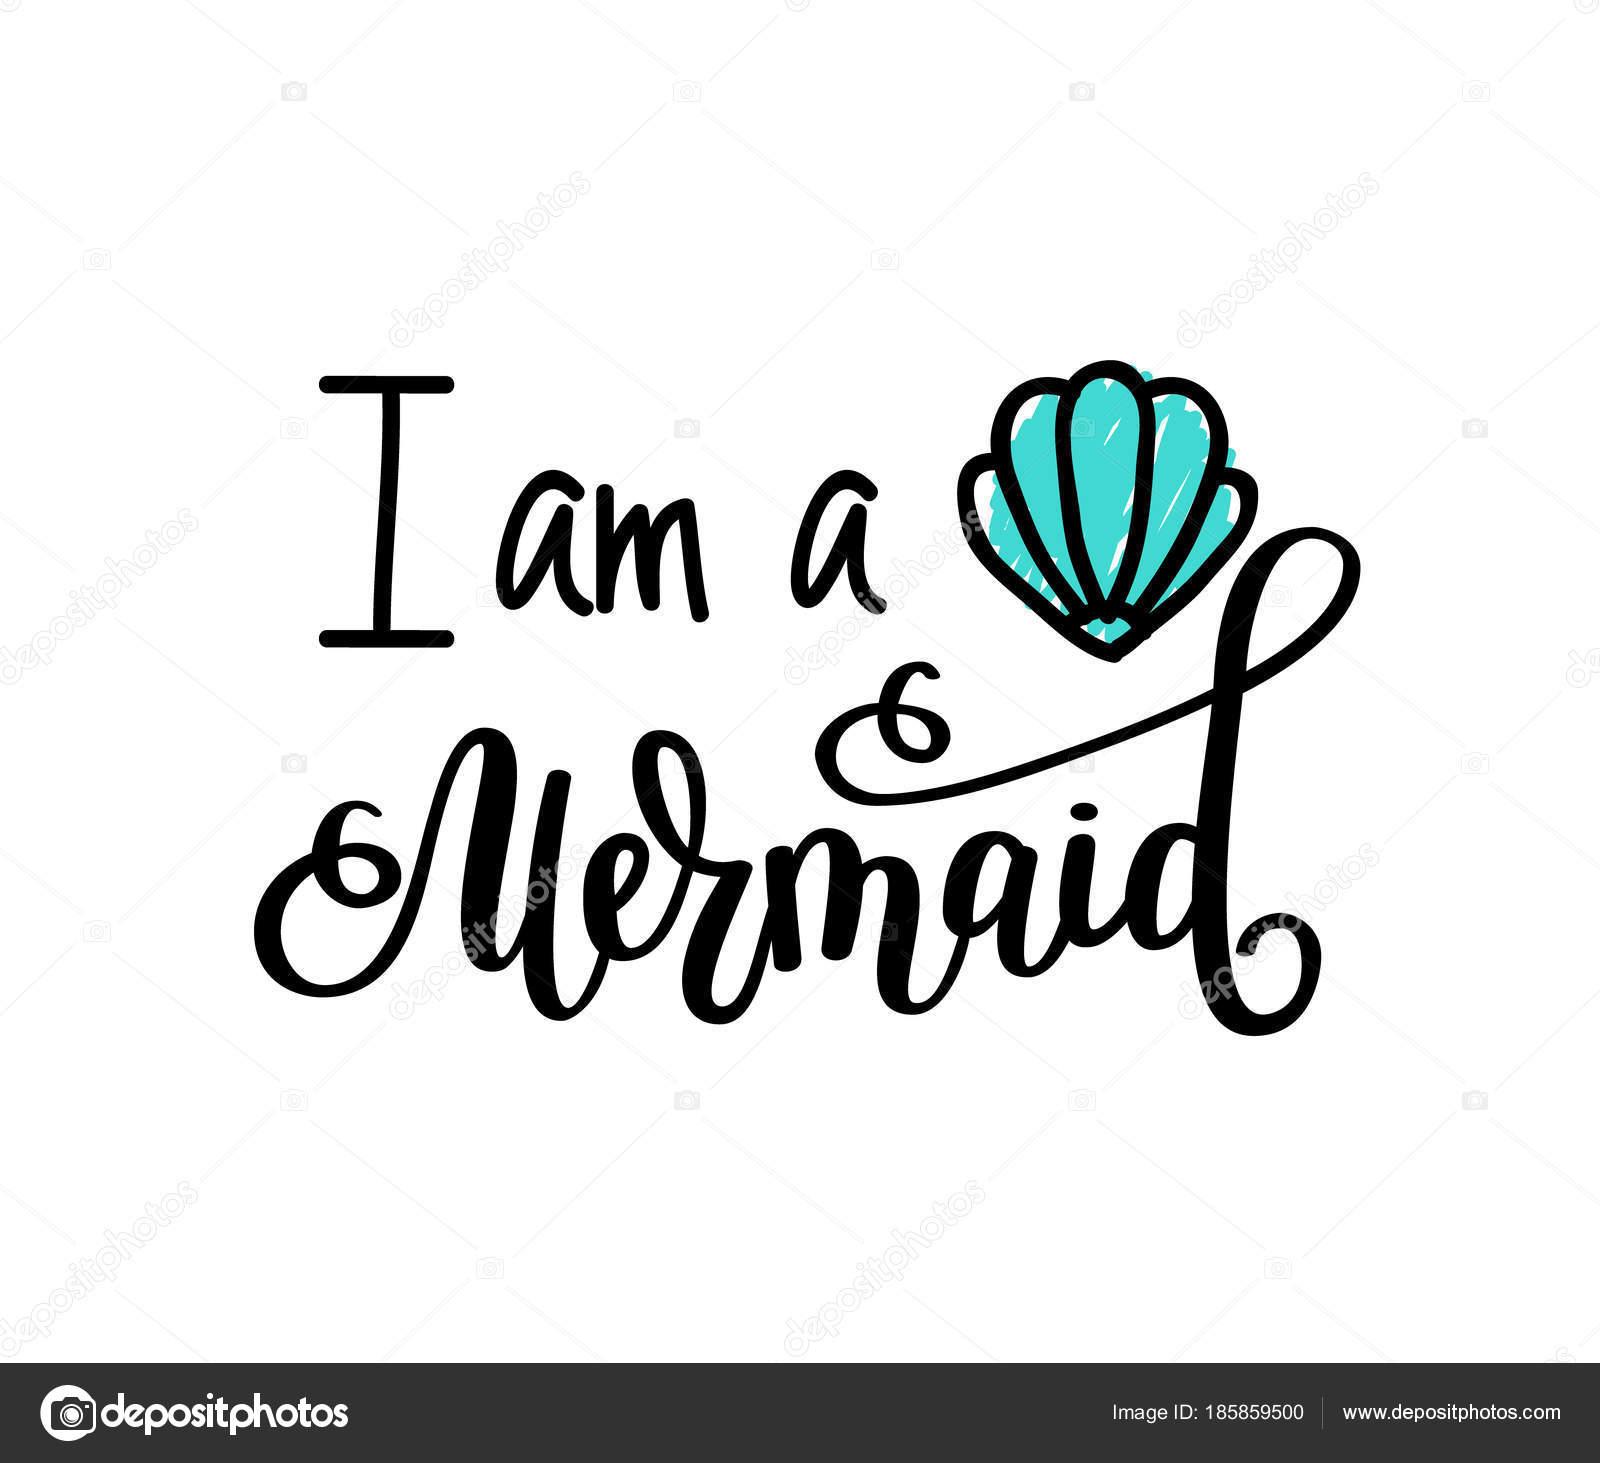 Imágenes Sirenas Con Frases I M Una Sirena Frase De